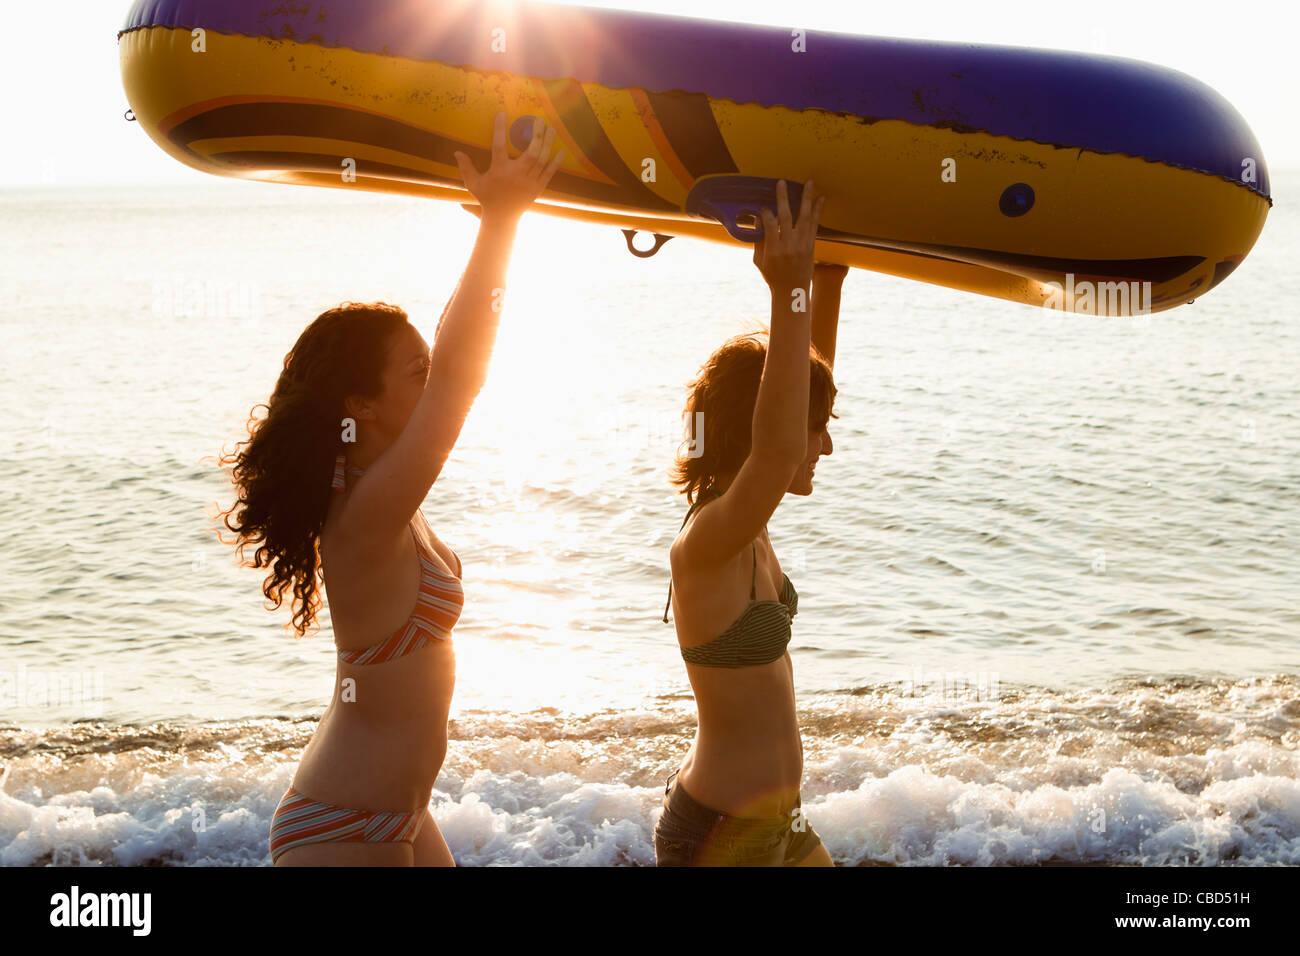 Le donne che trasportano barca gonfiabile sulla spiaggia Immagini Stock